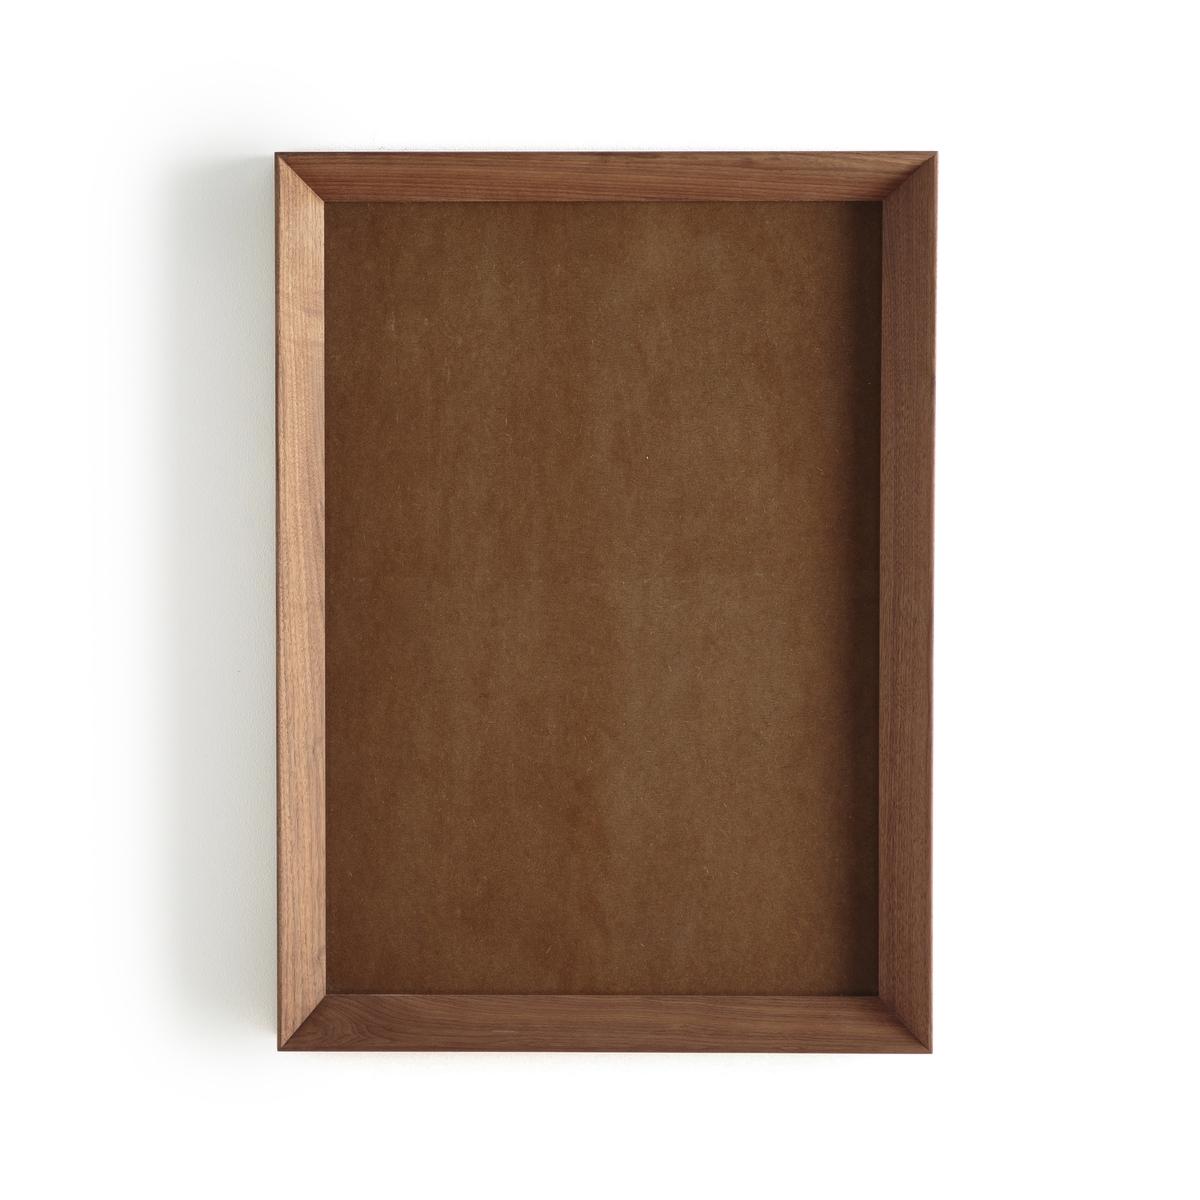 Рамка из орехового дерева, MilouinРамка Milouin. Контур из массива орехового дерева со скошенными краями и стекло. 4 пластины для горизонтального или вертикального крепления к стене. Для плаката размером 50 x 70 см. Размеры рамки: Ш54 x В74,5 см. Сочетается с плакатами Mitranda и Bialik, продающимися на нашем сайте.<br><br>Цвет: ореховый